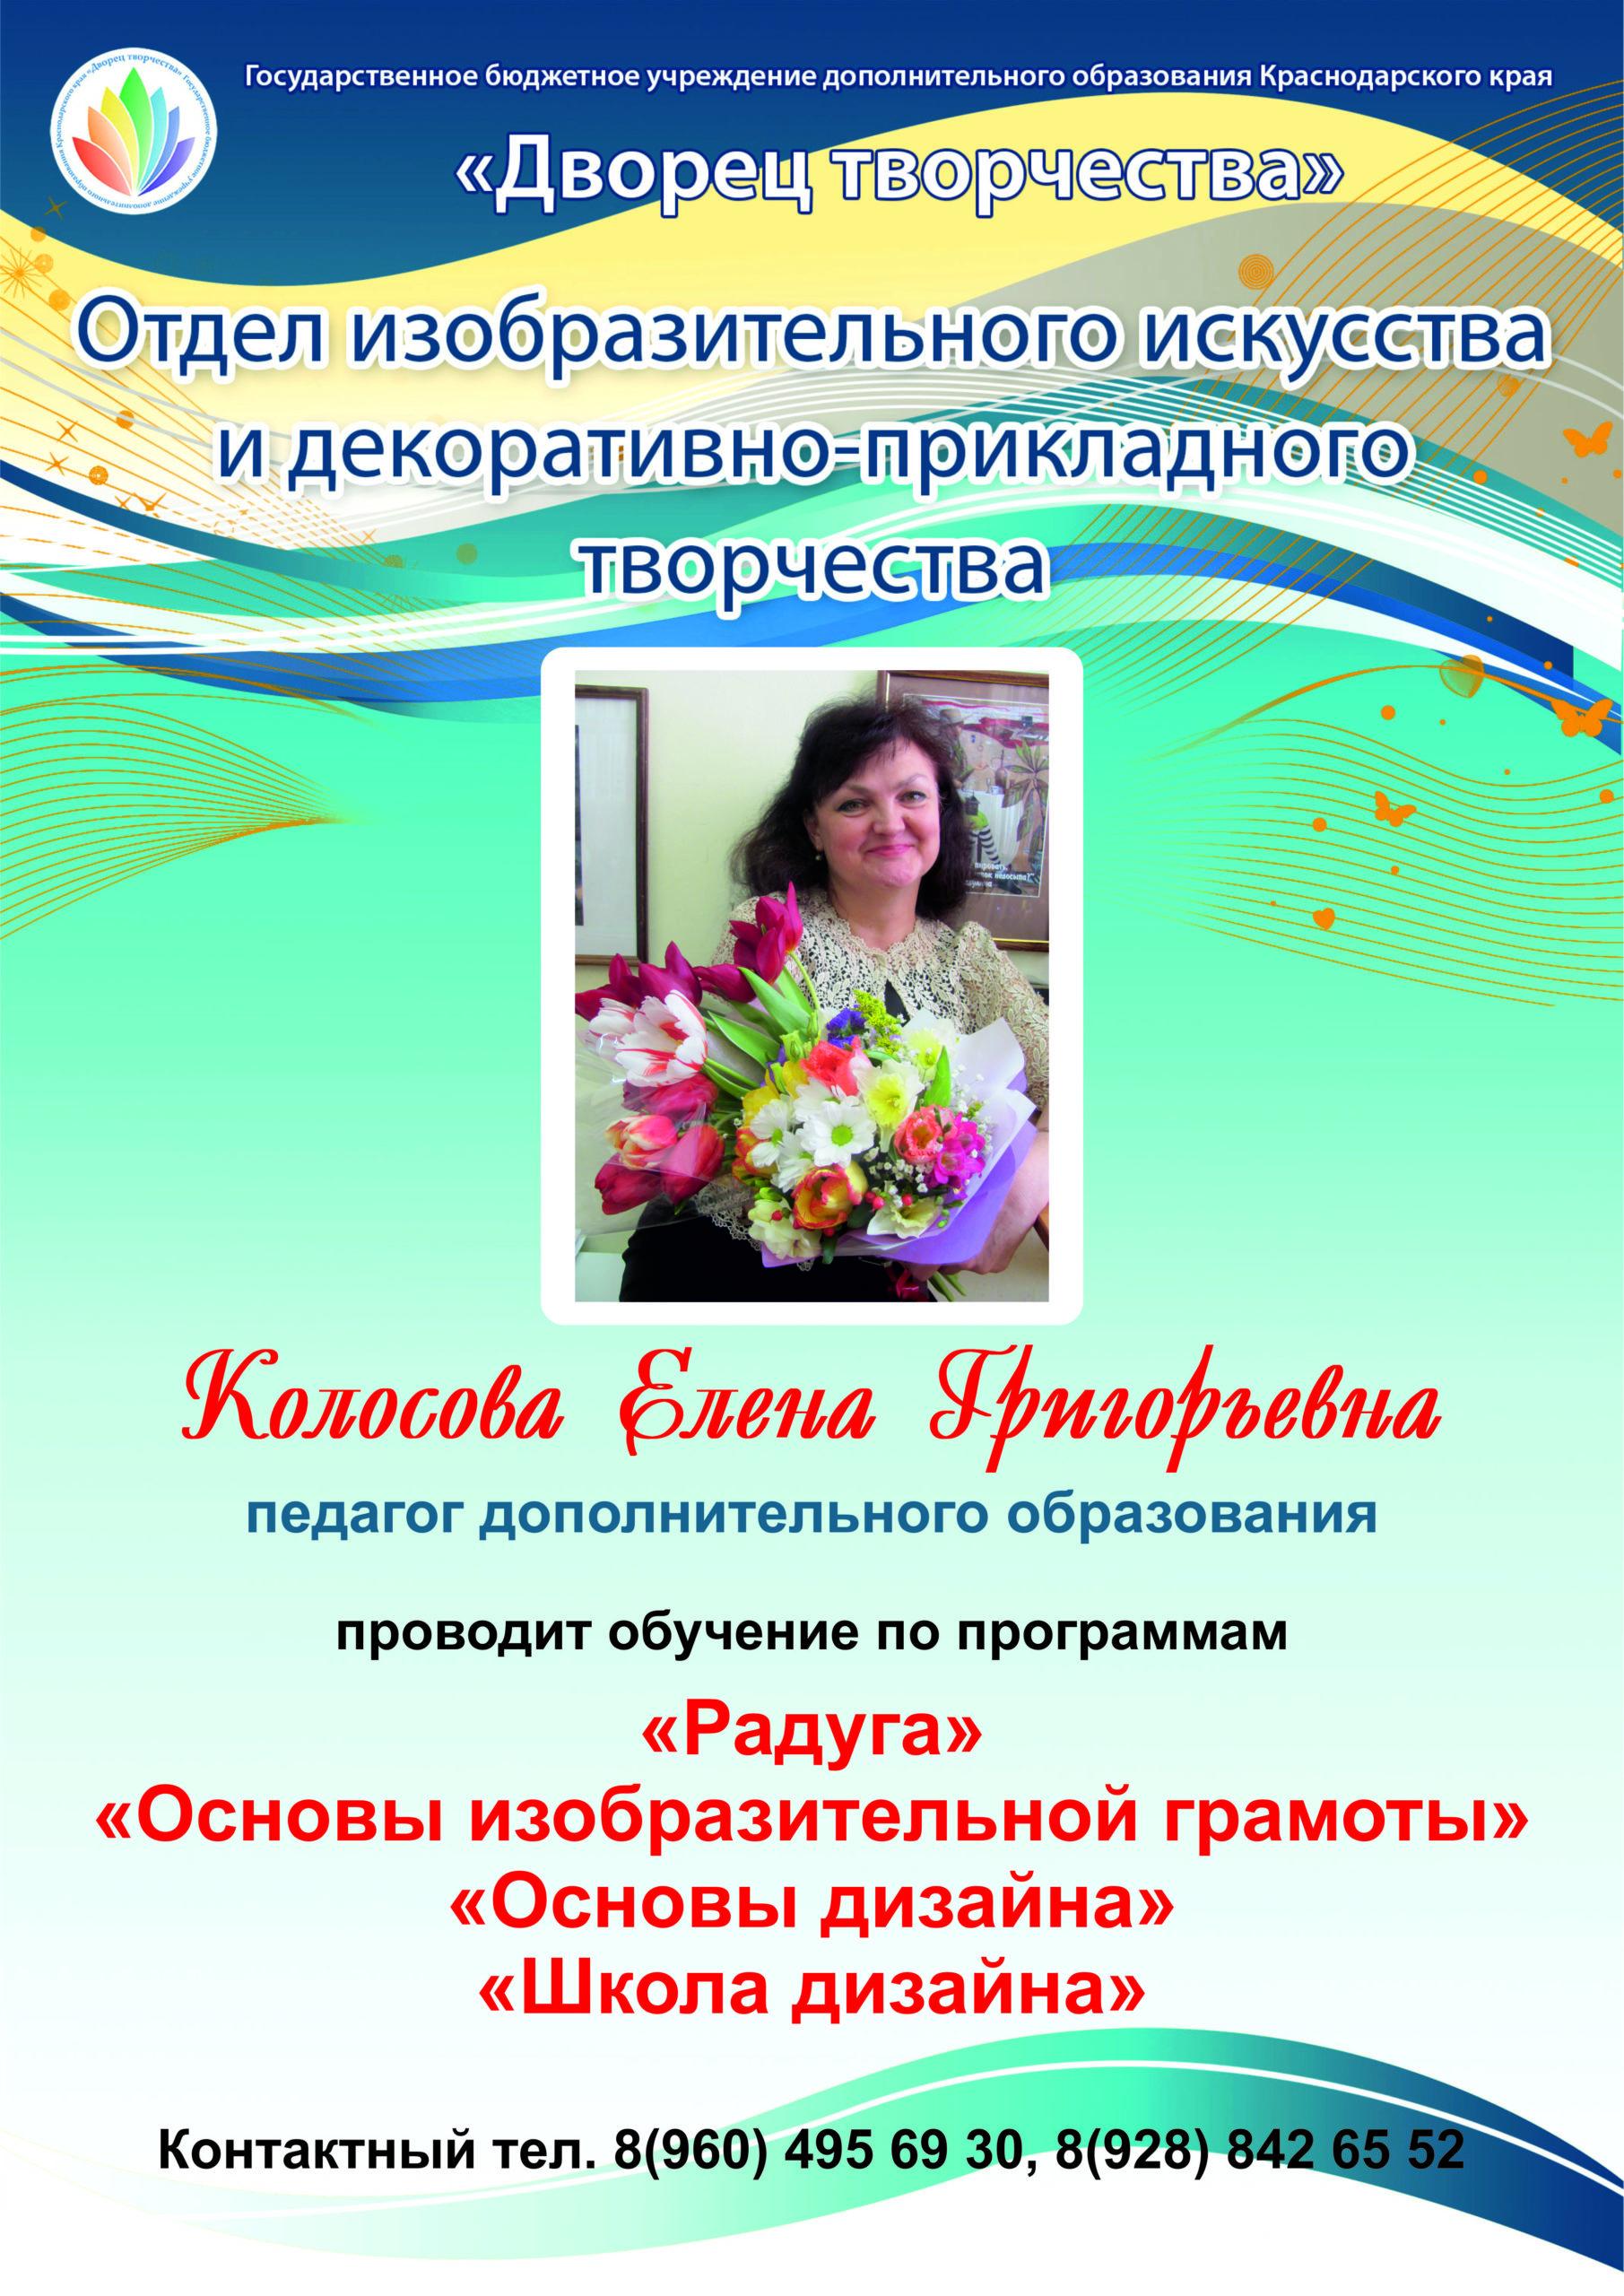 Афиша-реклама педагоги Колосова